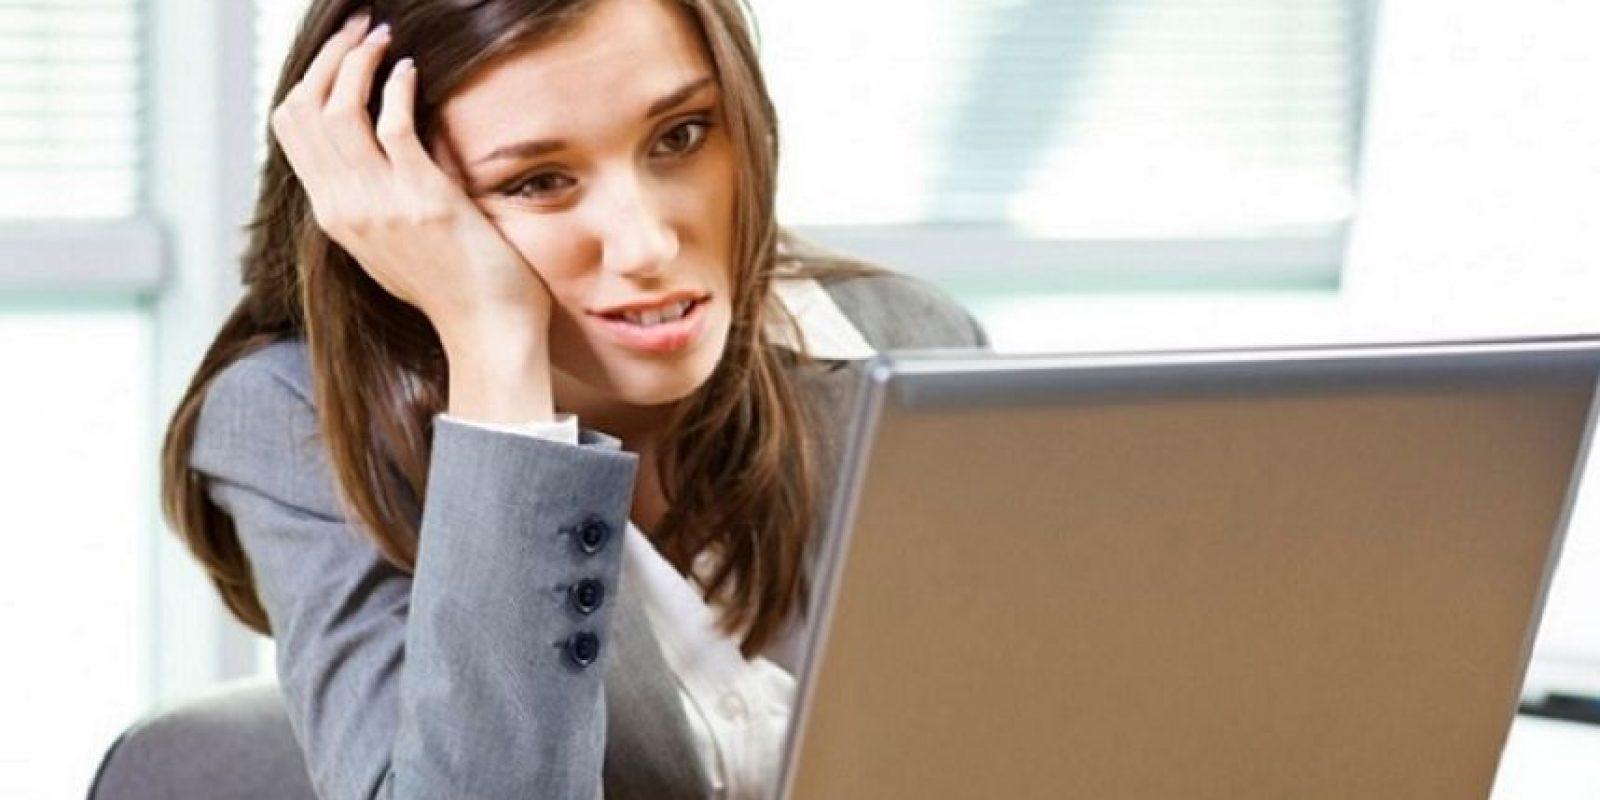 Tres de cada 10 empleados advierte que el clima laboral no favorece el cumplimiento de sus tareas.